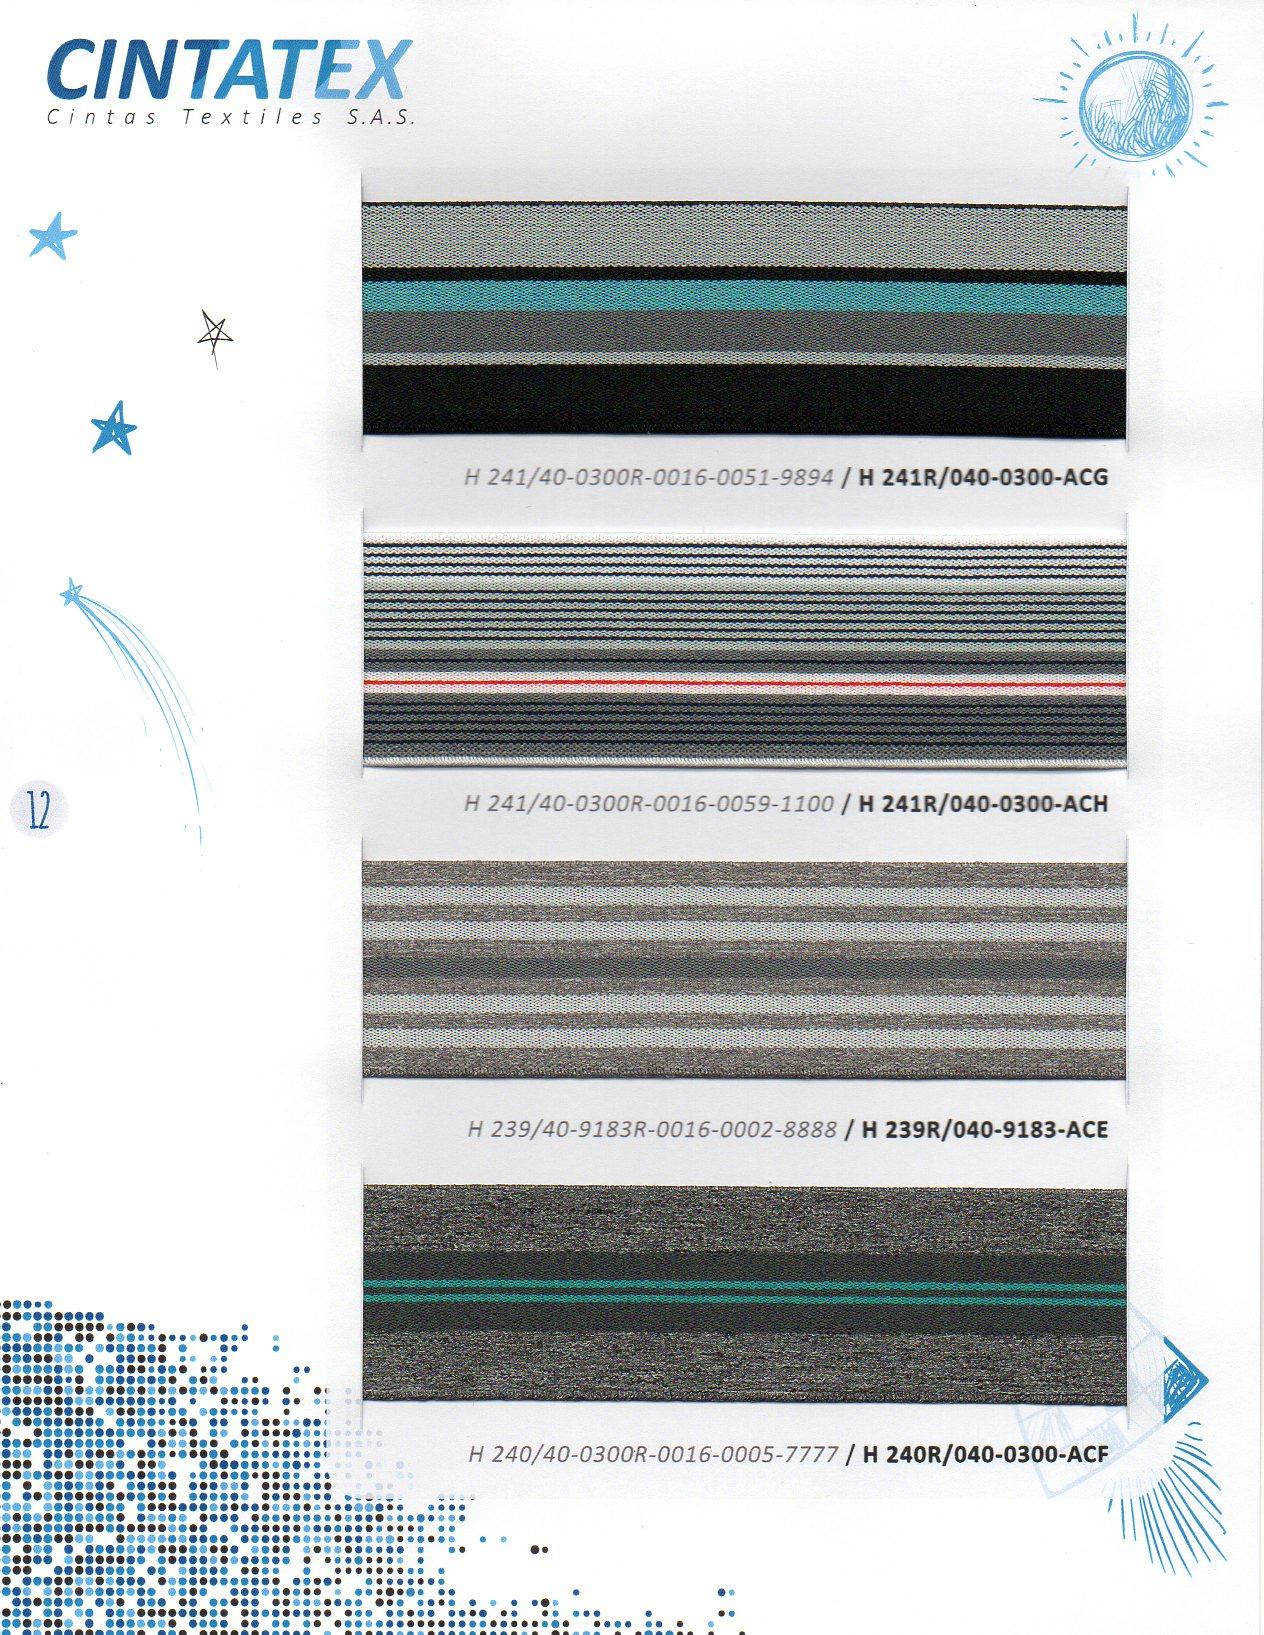 Catalogo_2019014